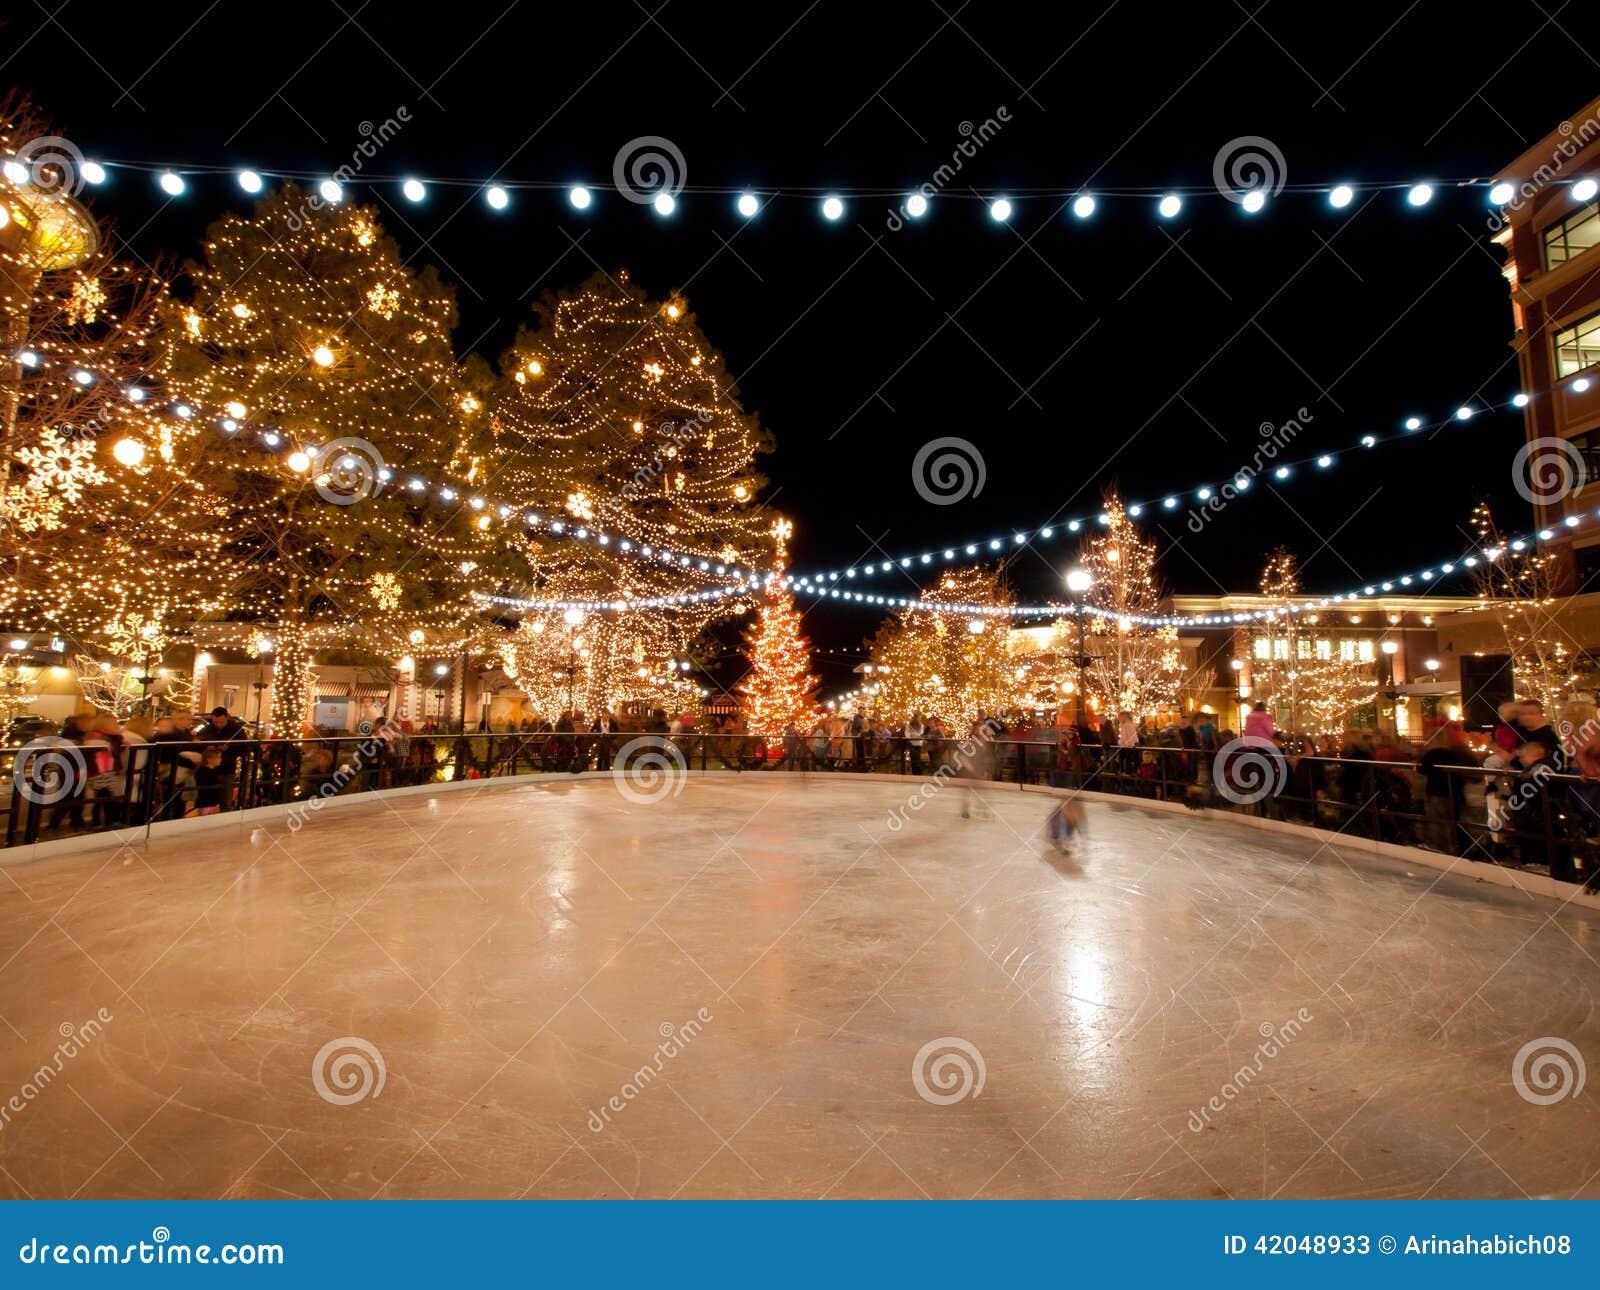 Lighting A Christmas Tree